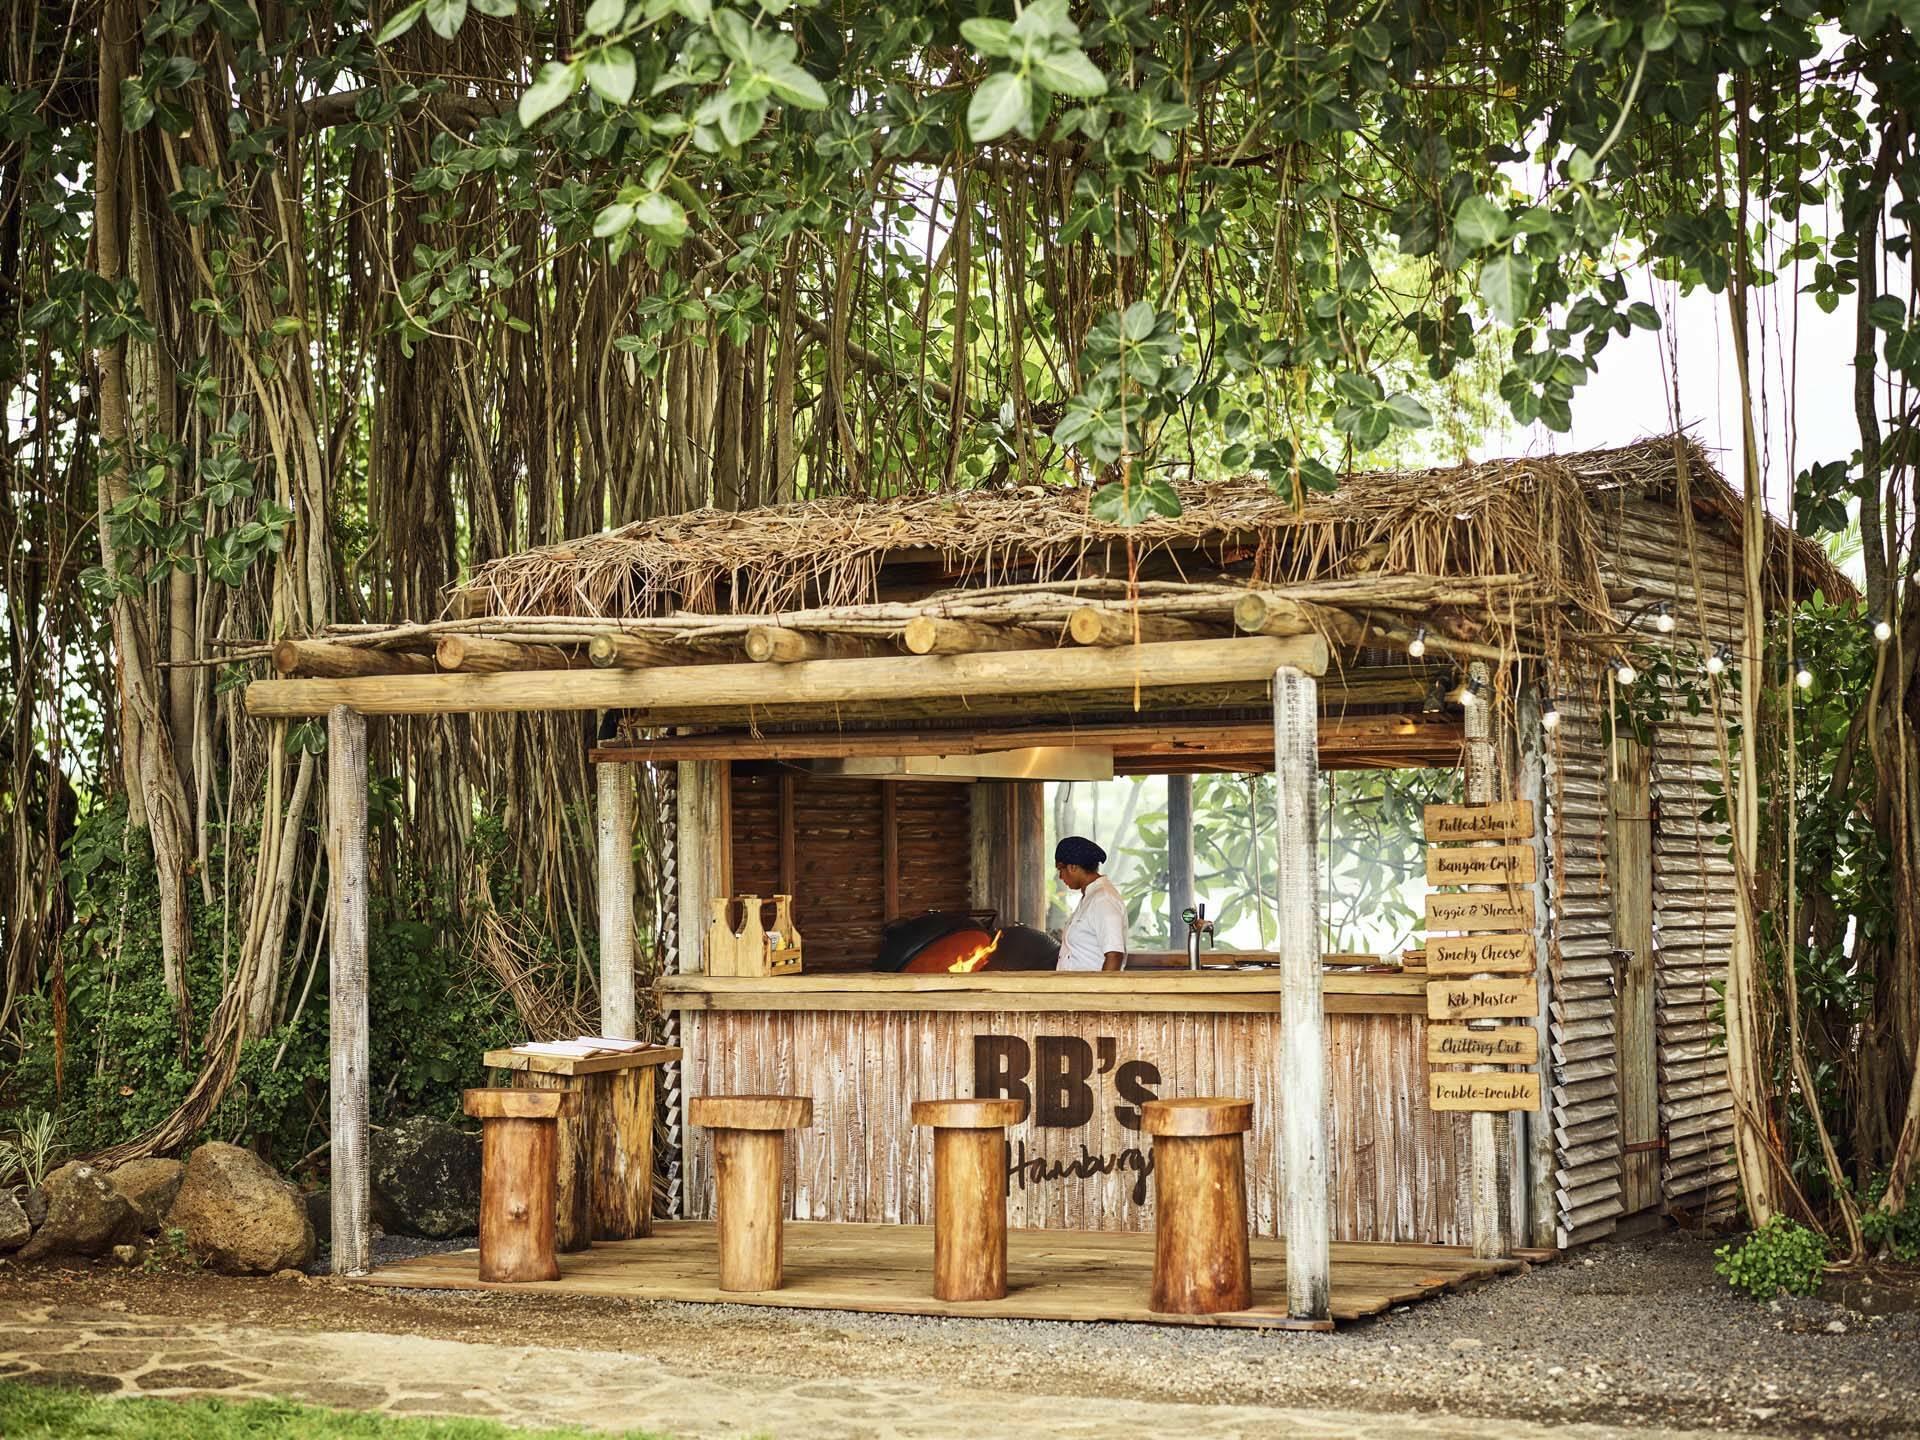 Ile Maurice Lux Grand Gaube Restaurant BBs